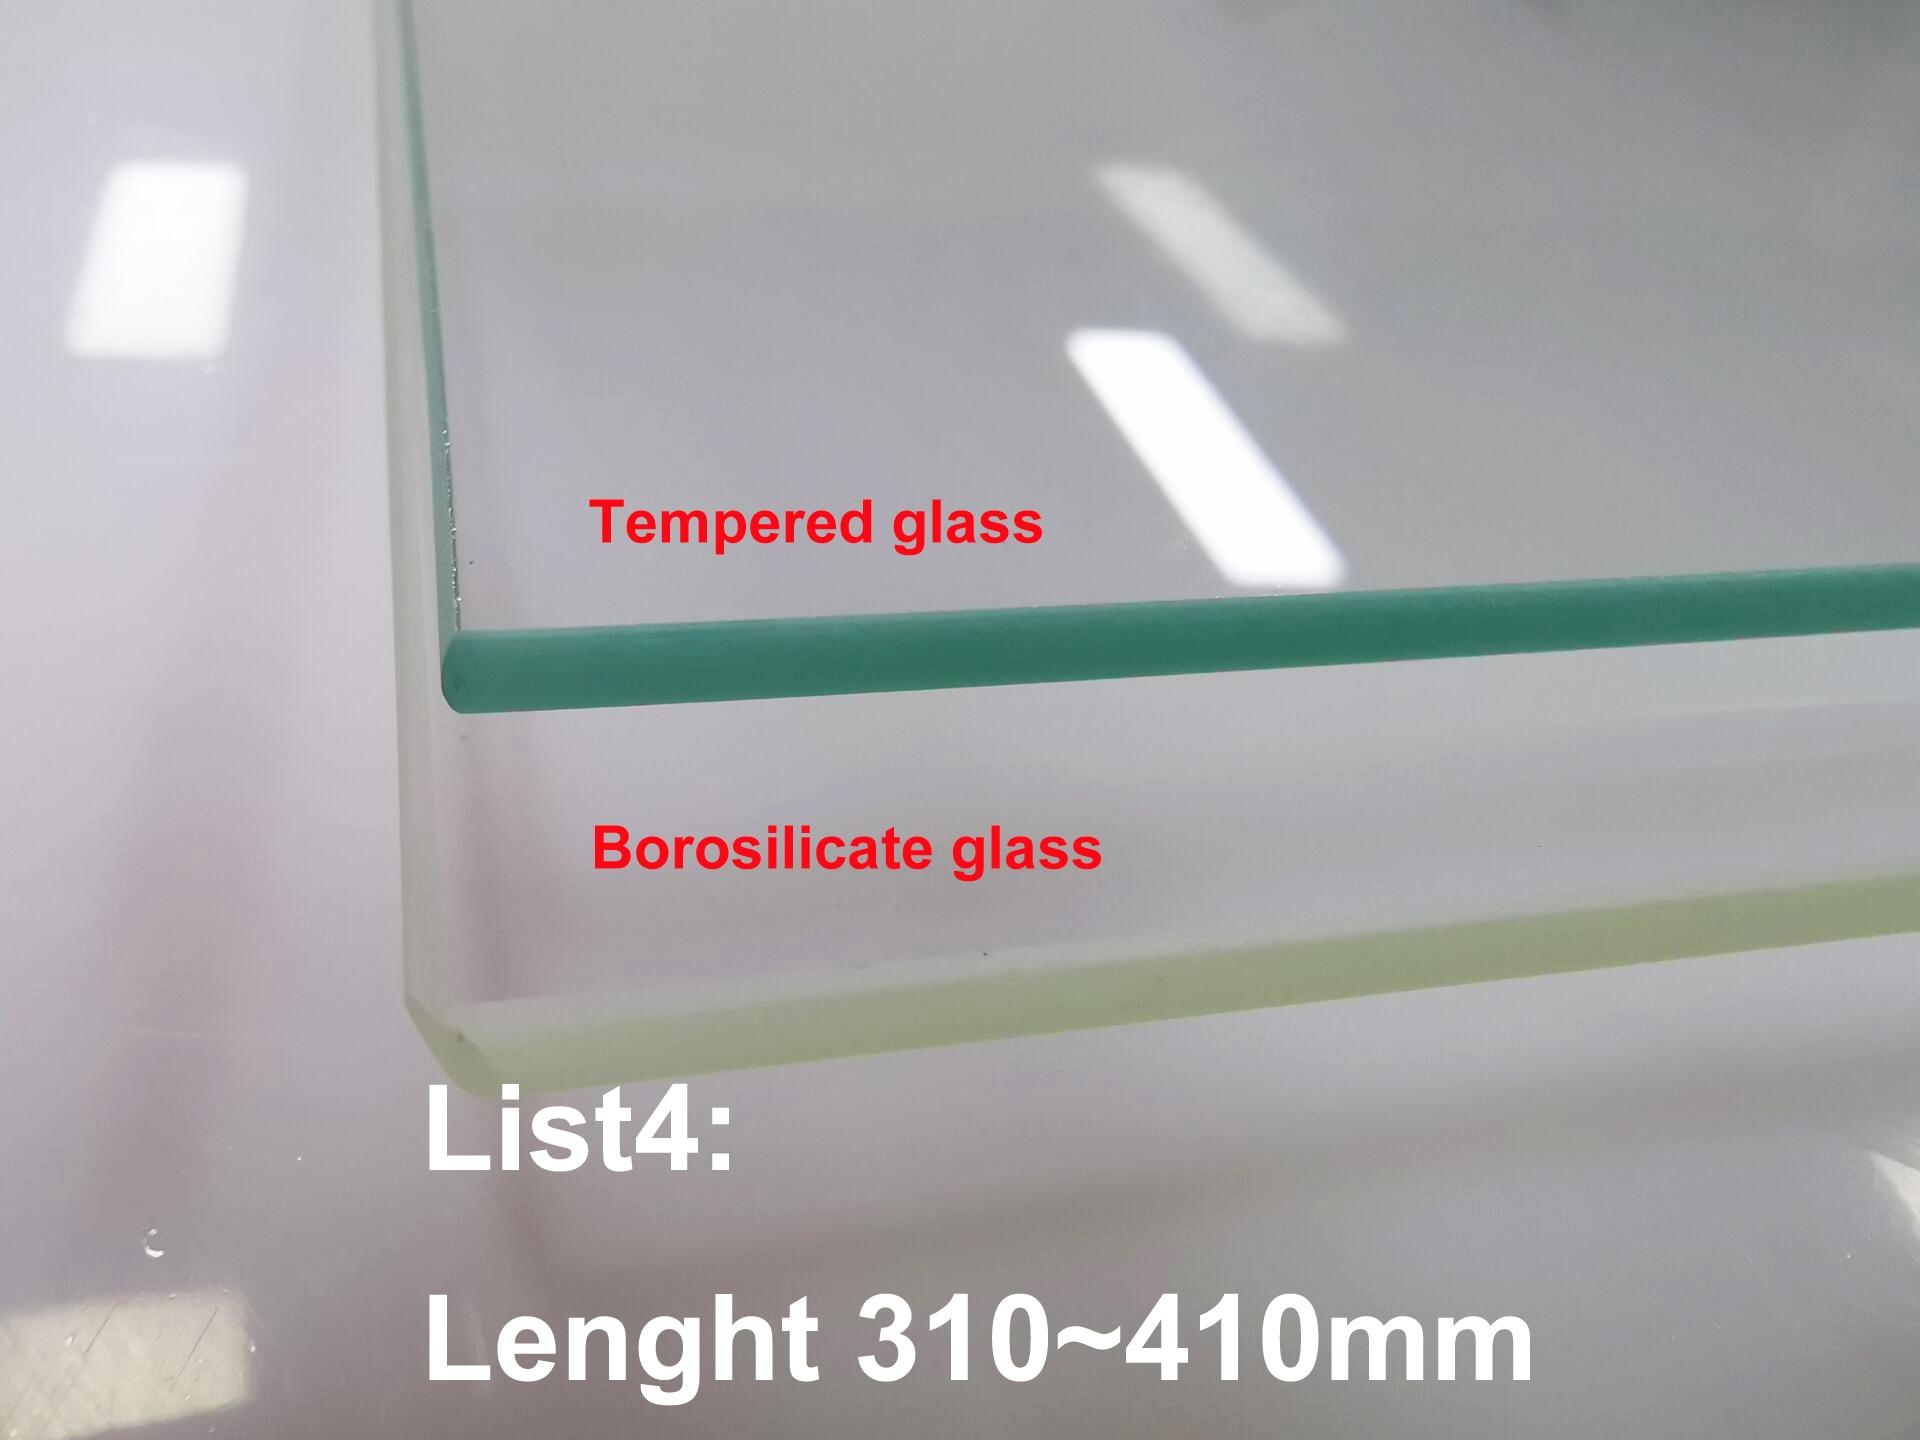 لوحة زجاجية مربعة من البورسليكات للطابعة ثلاثية الأبعاد ، سرير حراري لـ Tevo / CTC/ANET/أحادي الأرز/Creality ، قائمة 4: 310 ~ 510 مللي متر